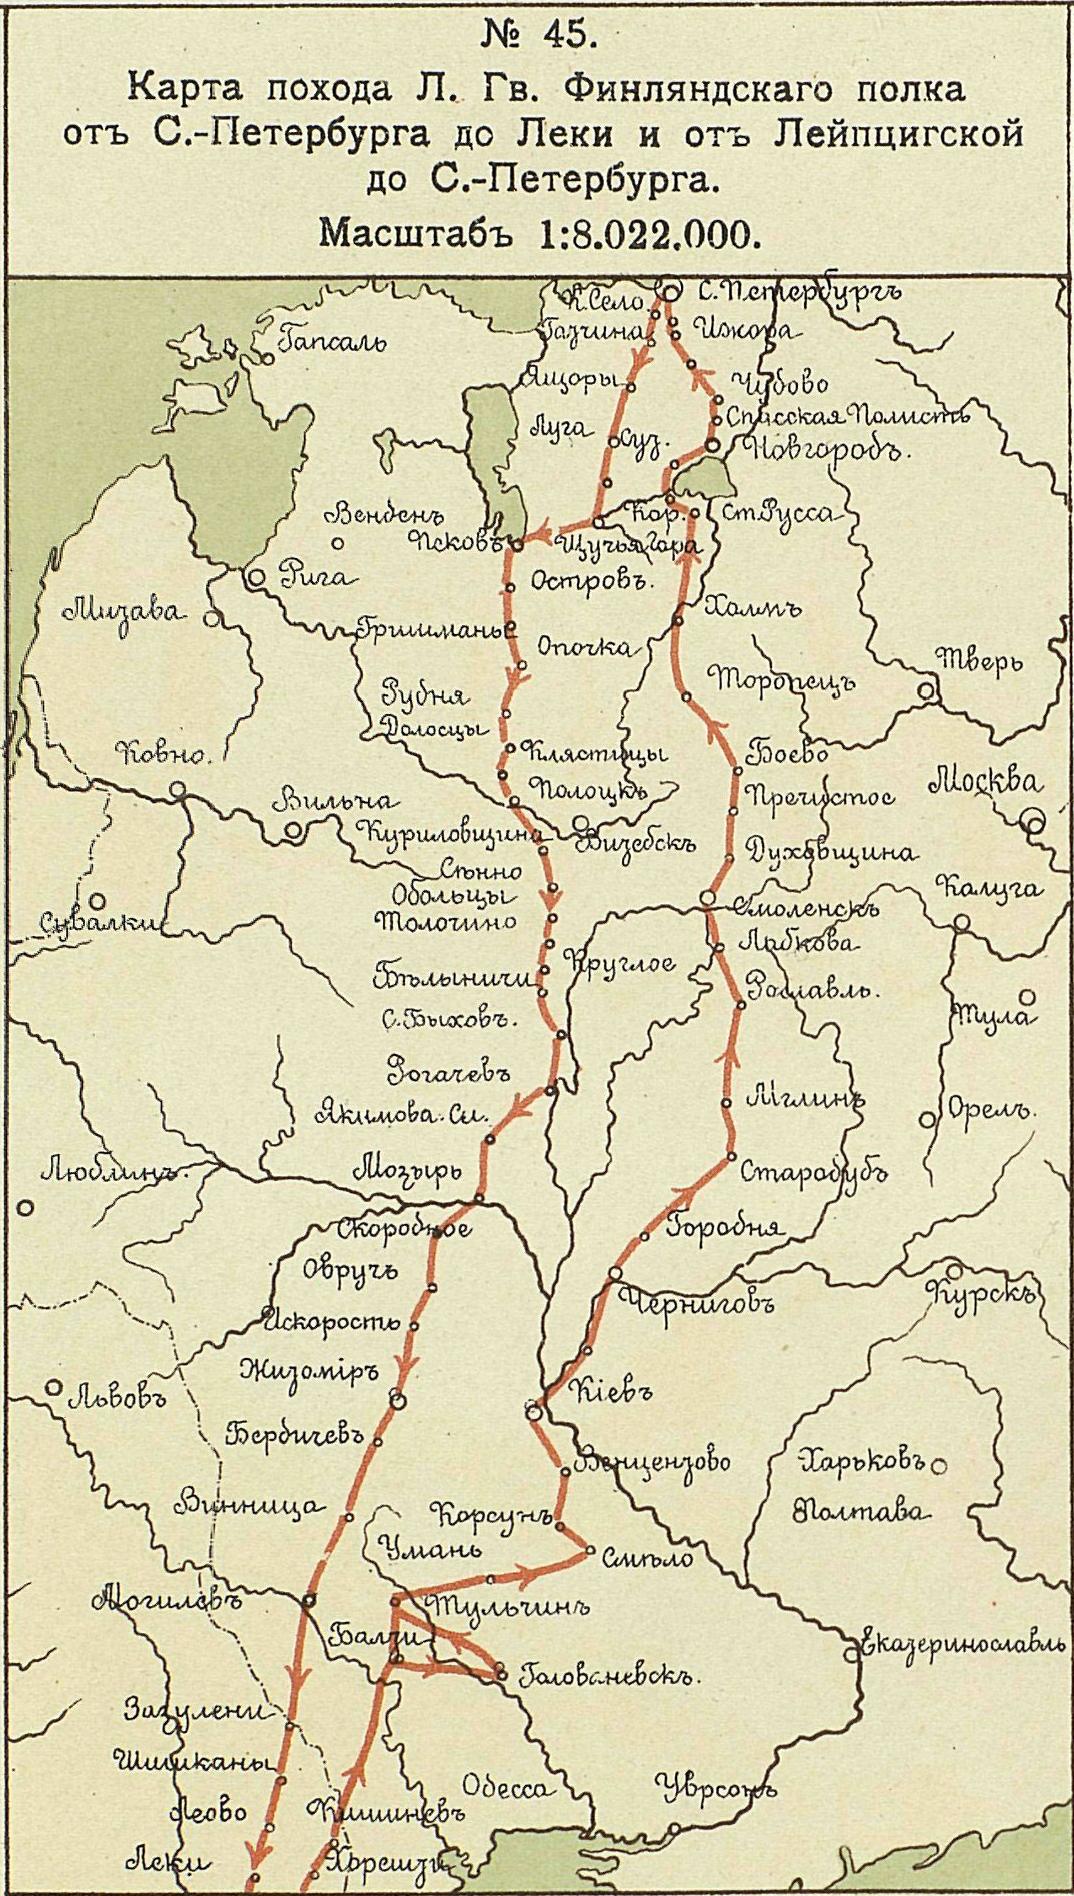 Русско-турецкая война 1828-29 годов. Расположение сторон в августе 1828 года